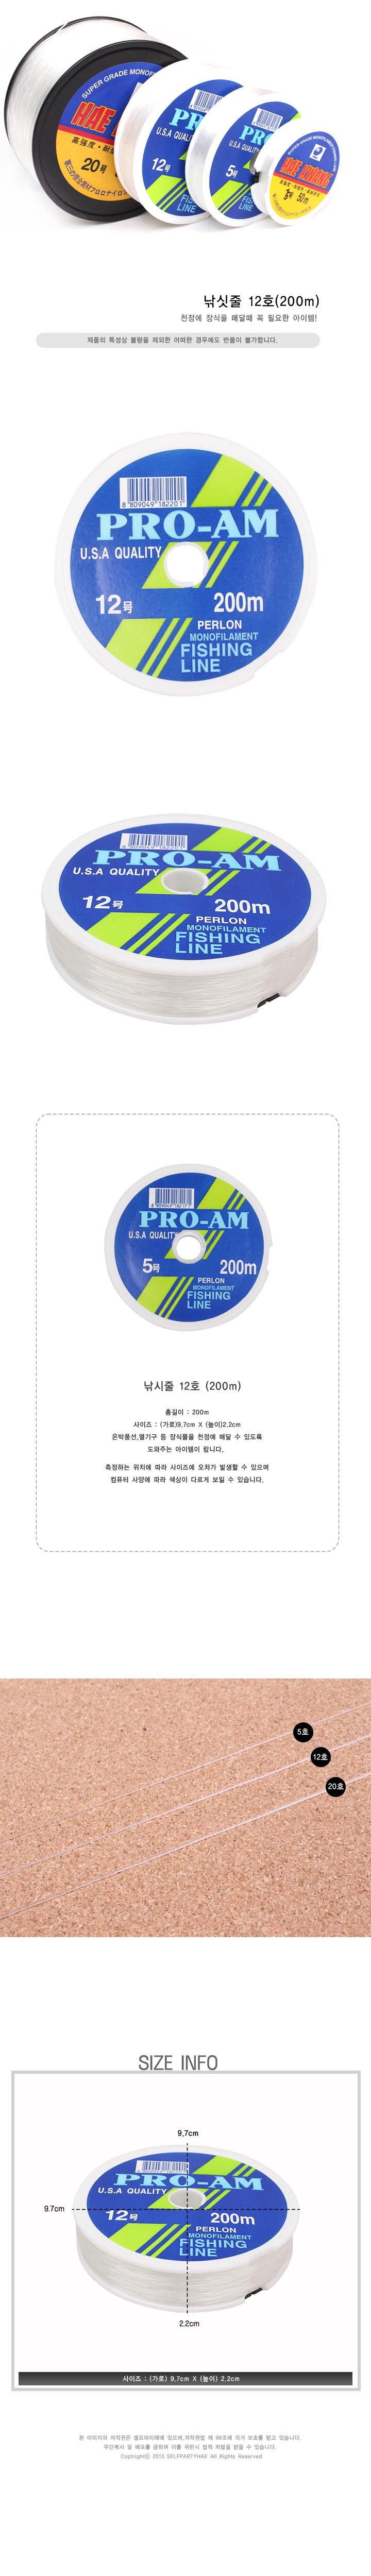 낚싯줄 12호-200m - 파티해, 4,000원, 파티용품, 보조용품